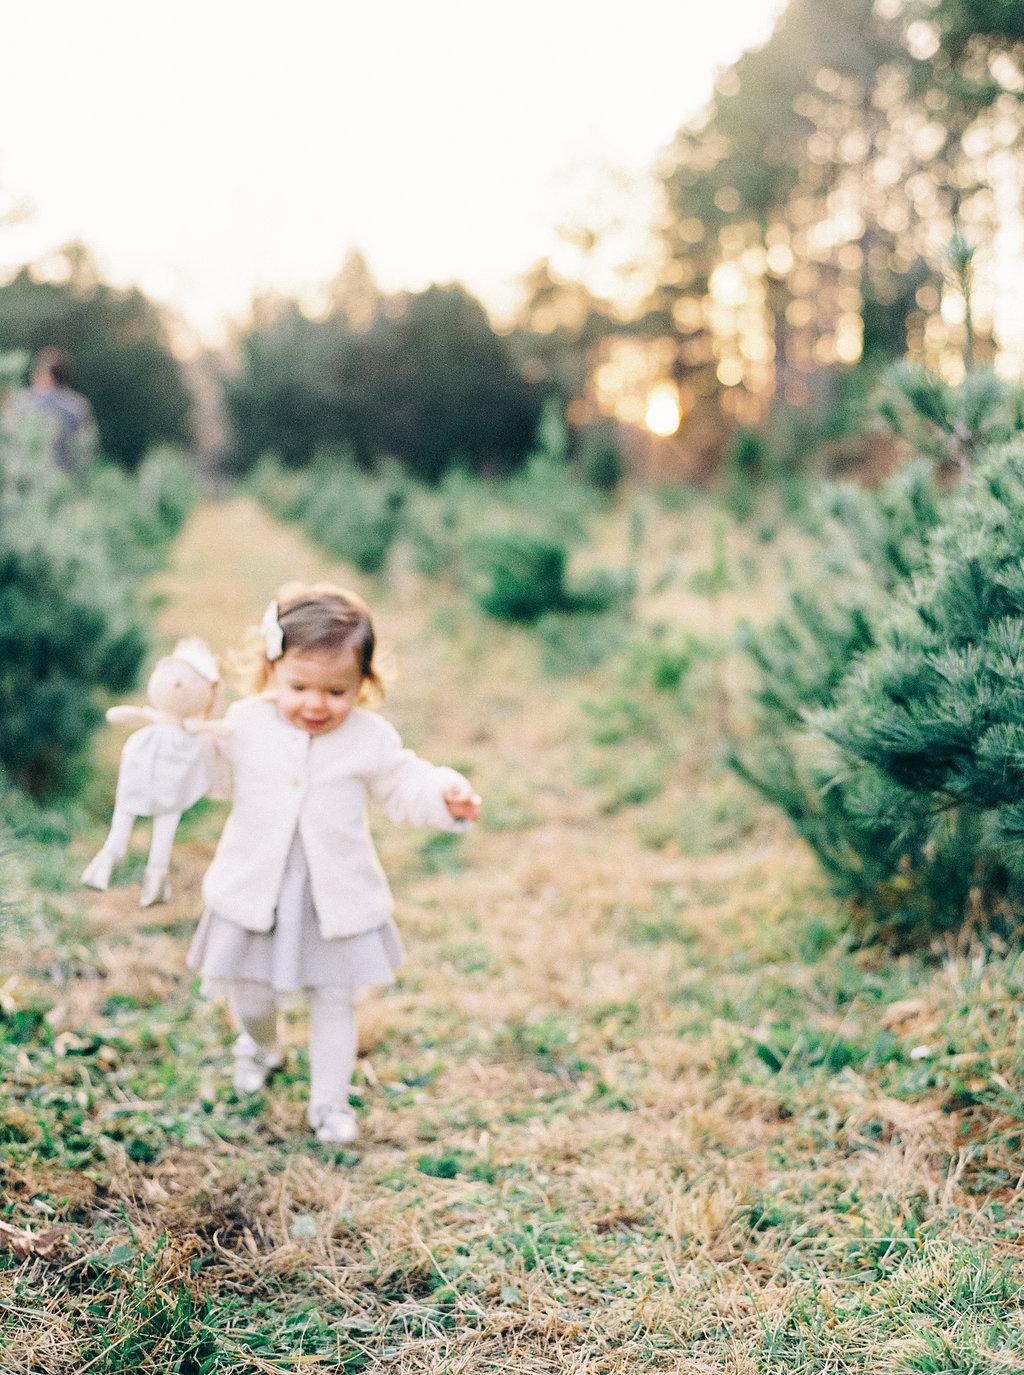 NikkiSanterre_VirginiaFilmMotherhoodPhotographer_NikkiChristmasFilm-1.jpg